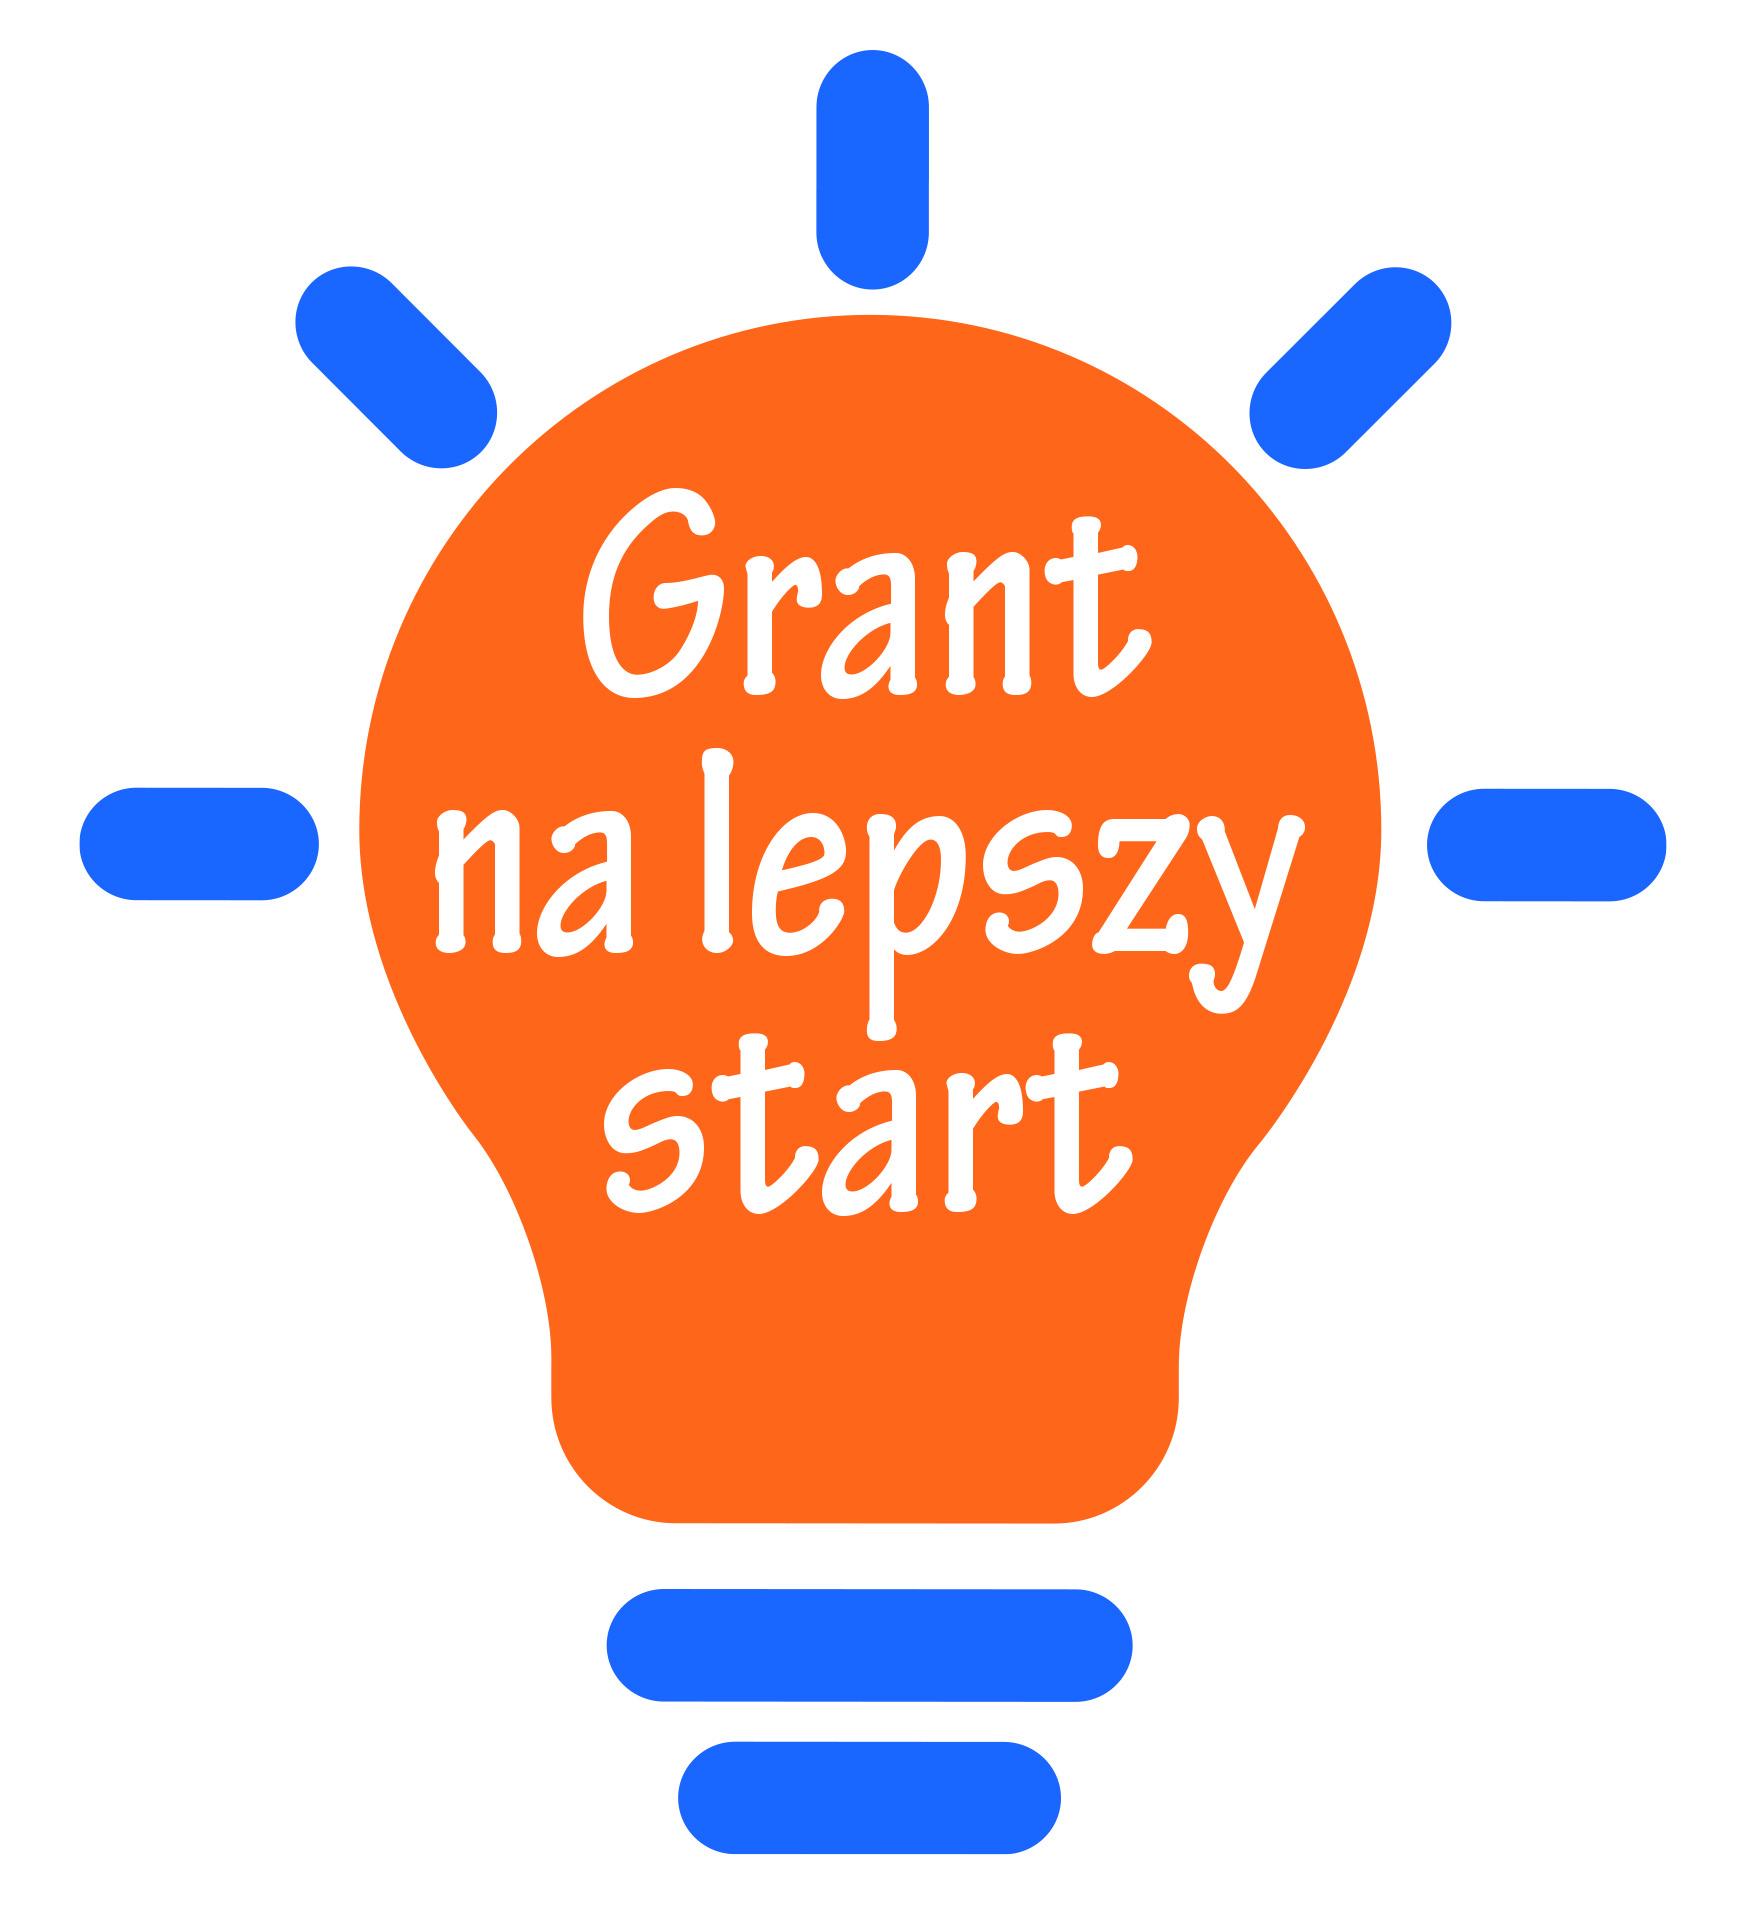 http://www.grantnalepszystart.pl/